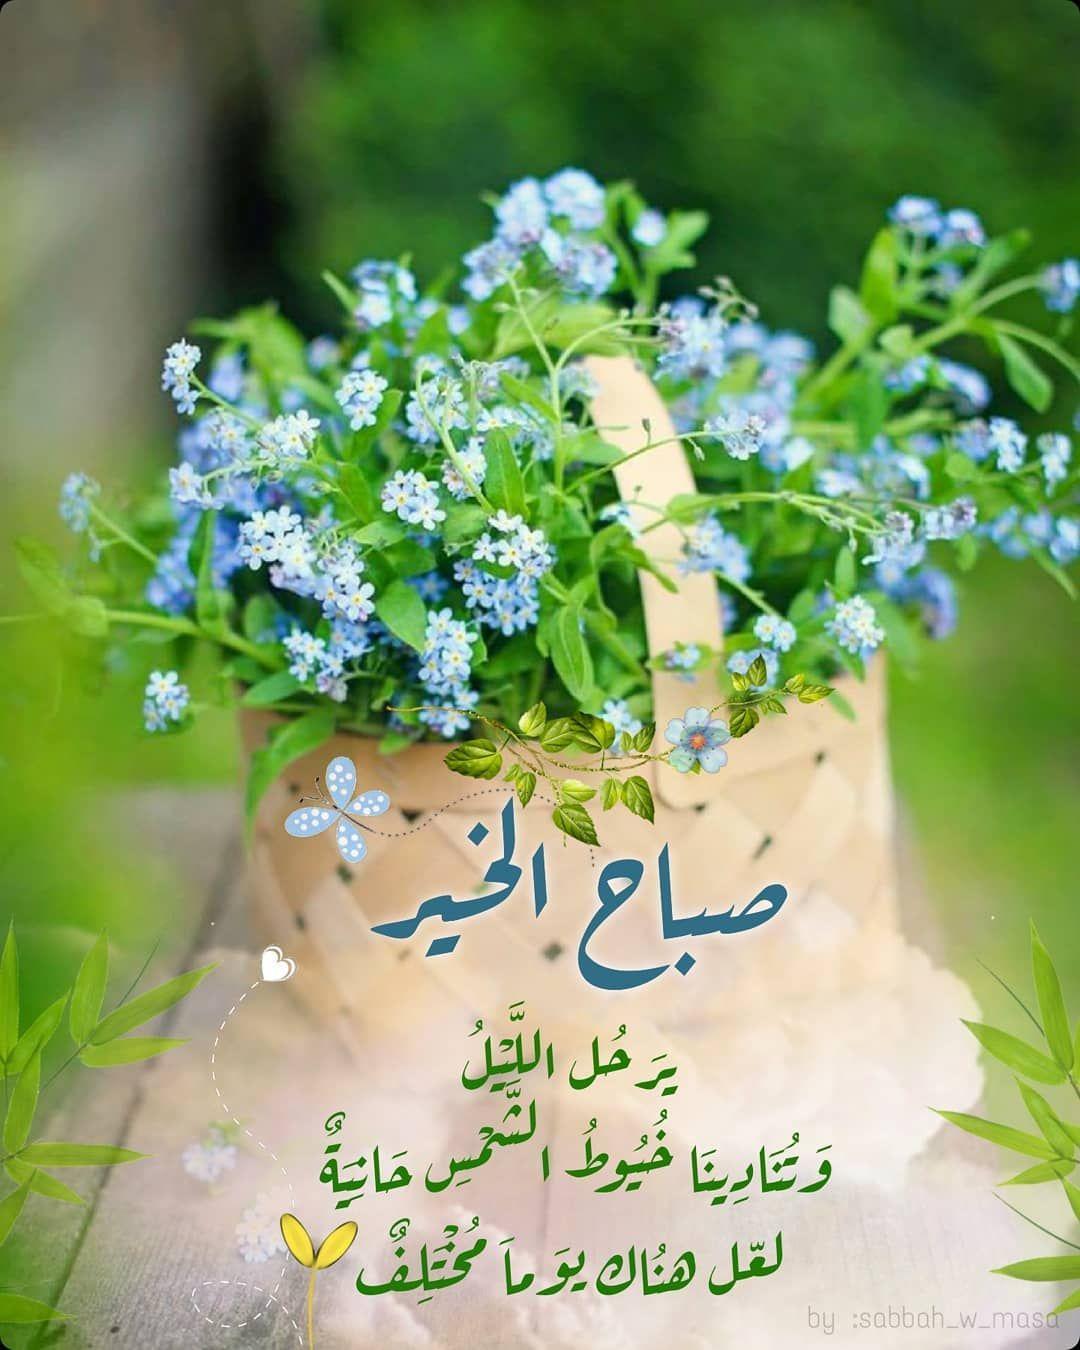 صبح و مساء On Instagram ير ح ل الل ي ل و ت ن اد ين ا خ ي وط الش م Good Morning Beautiful Good Morning Messages Good Morning My Love